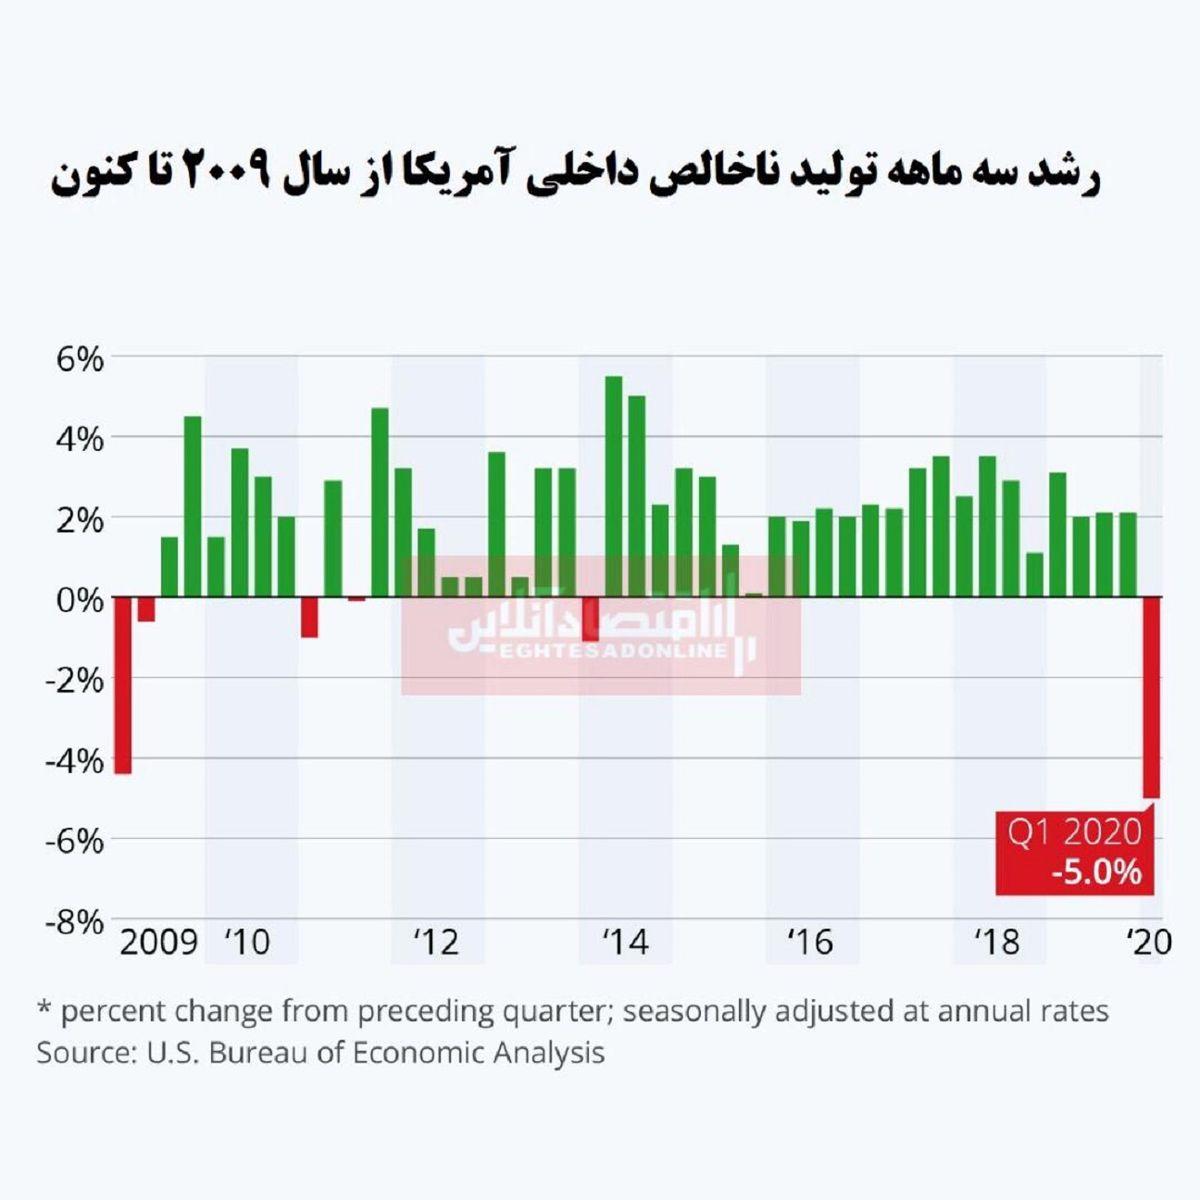 سقوط بیسابقه اقتصاد آمریکا در بحبوحه بحران کرونا/ تولید ناخالص داخلی چقدر کاهش یافت؟